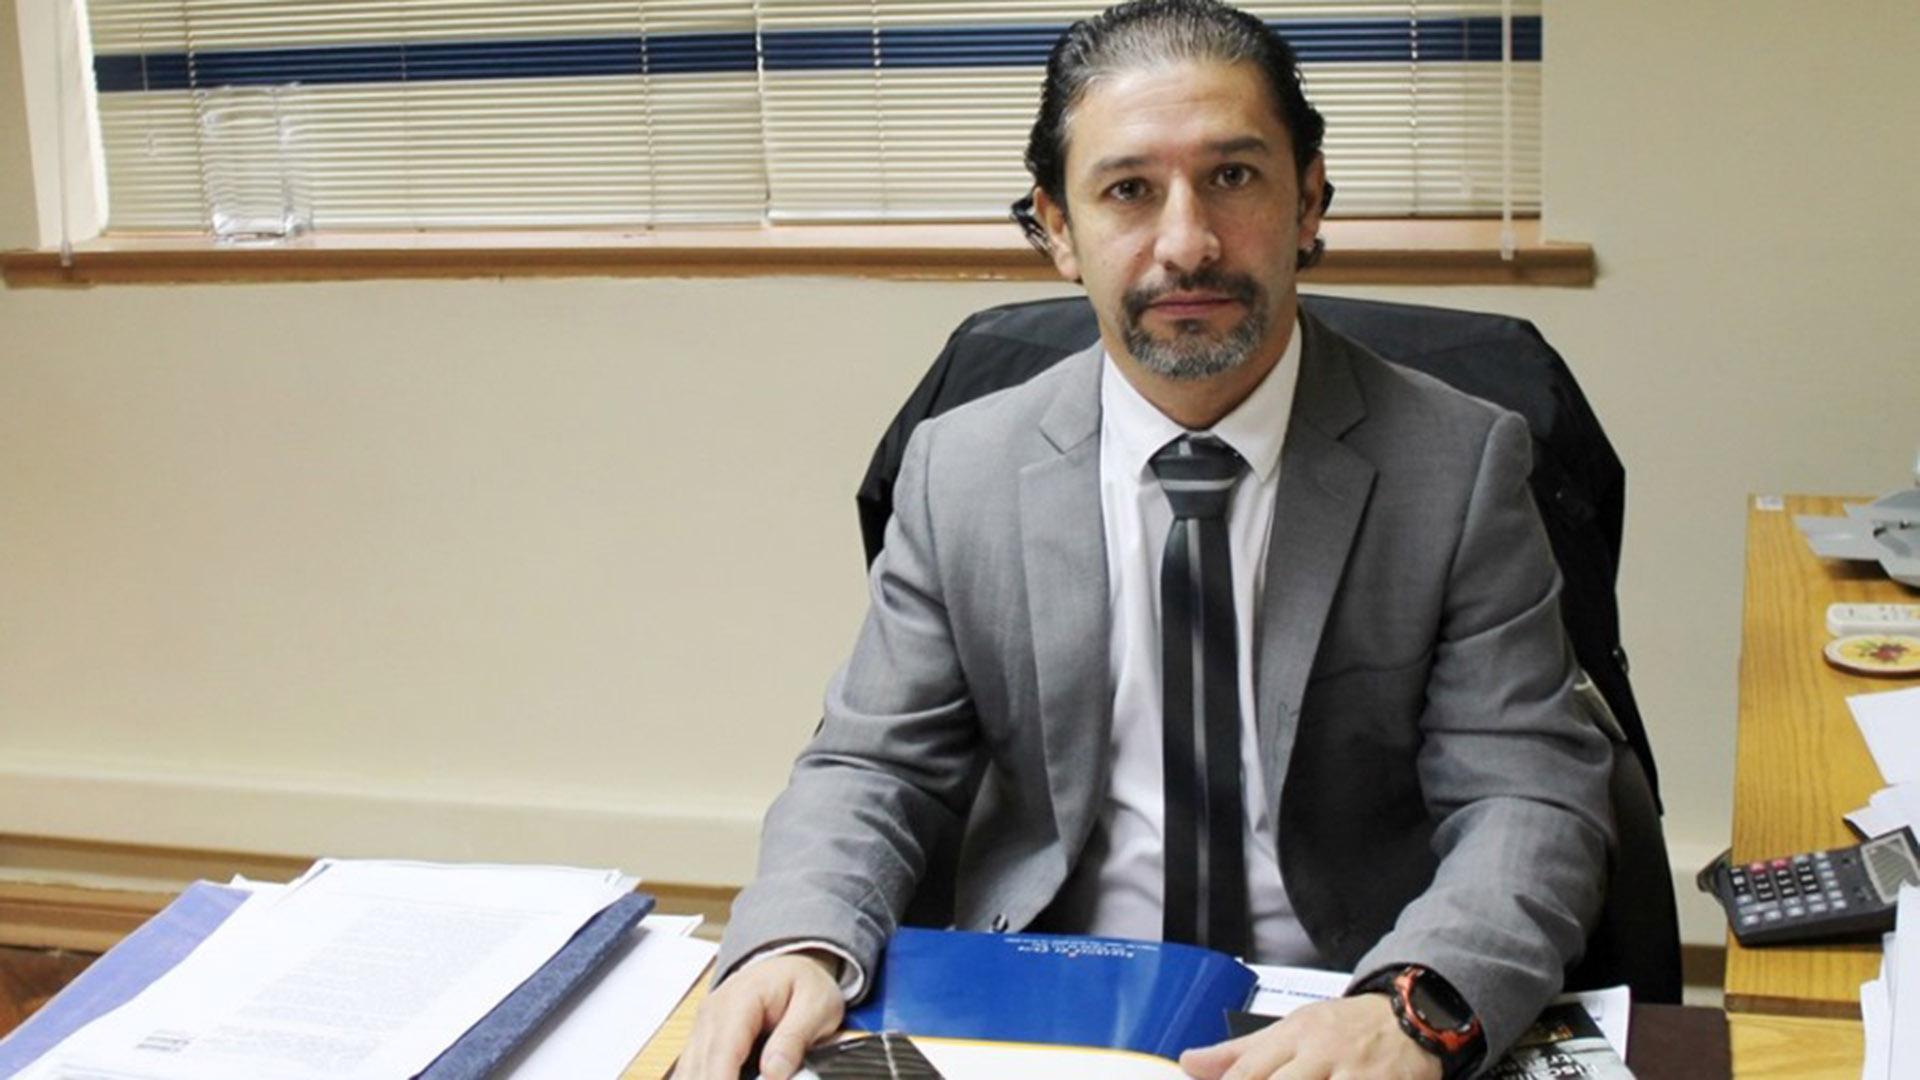 El fiscal Fuentes Paredes no imputará al lonko mapuche bajo la Ley Antiterrorista, que hubiera agravado las pena que solicitará al Tribunal Oral en lo Penal de Valdivia.